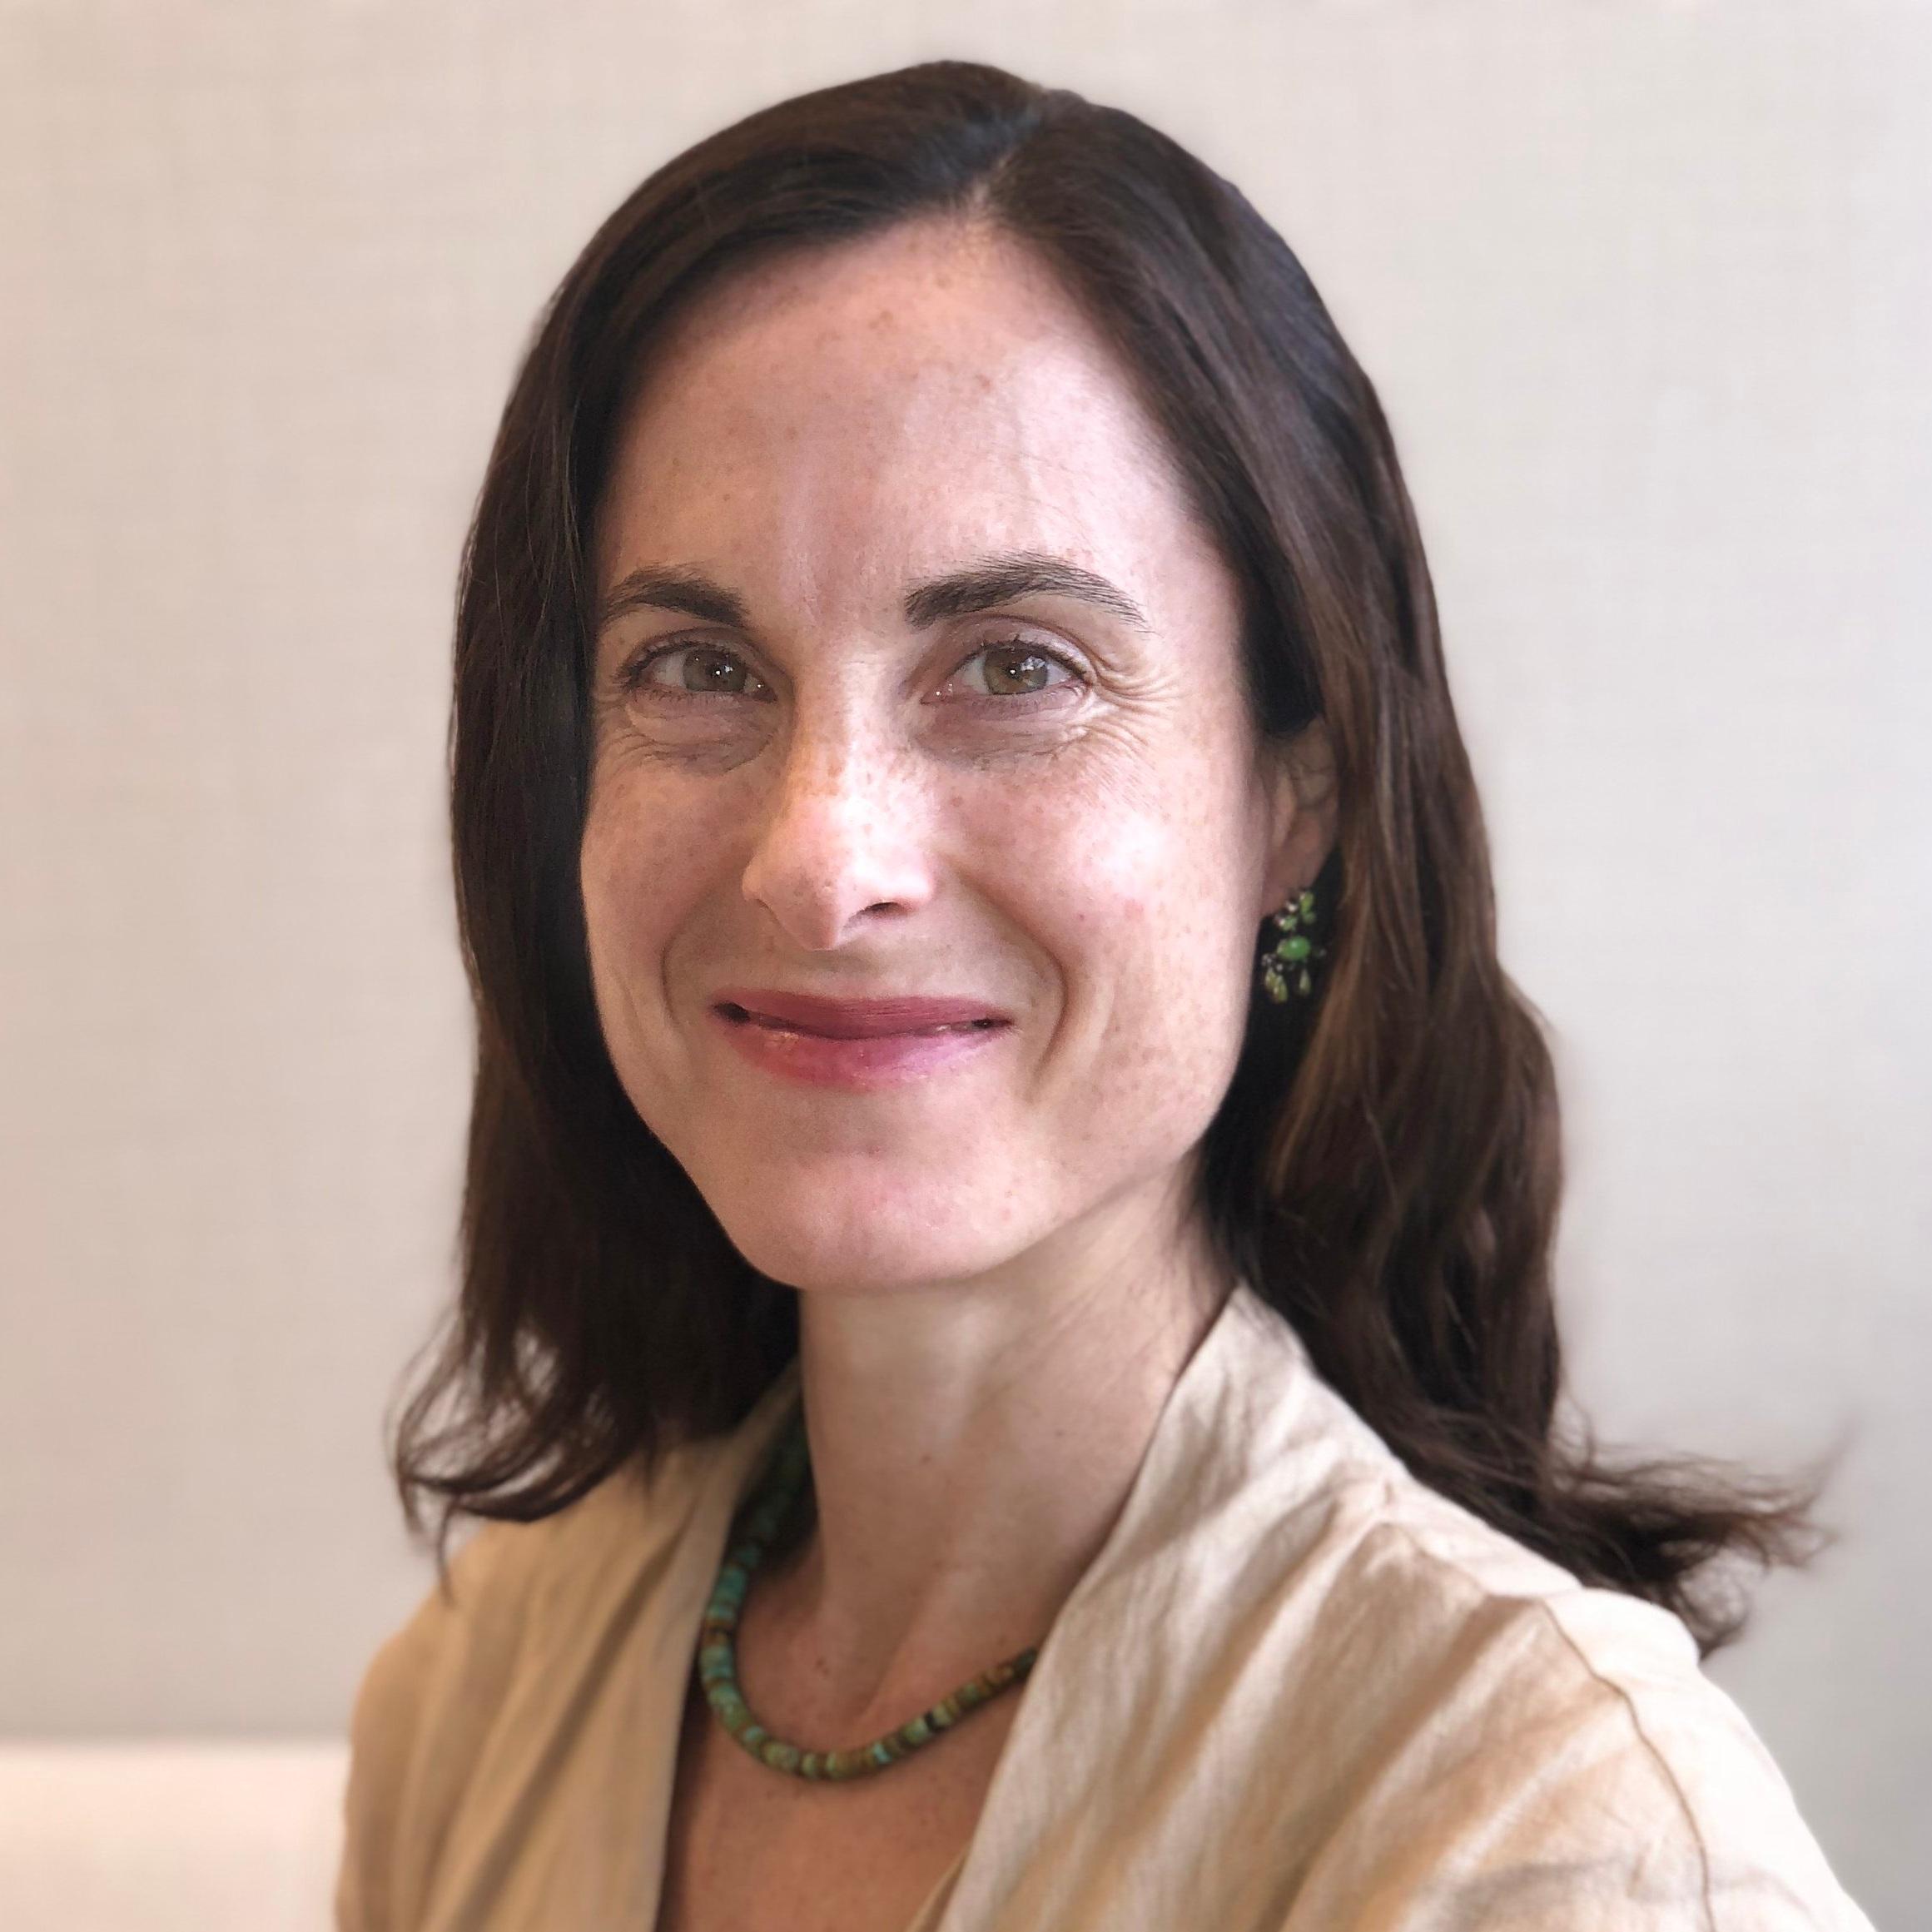 Adeline Azrack, USA Program Director, Fondation CHANEL